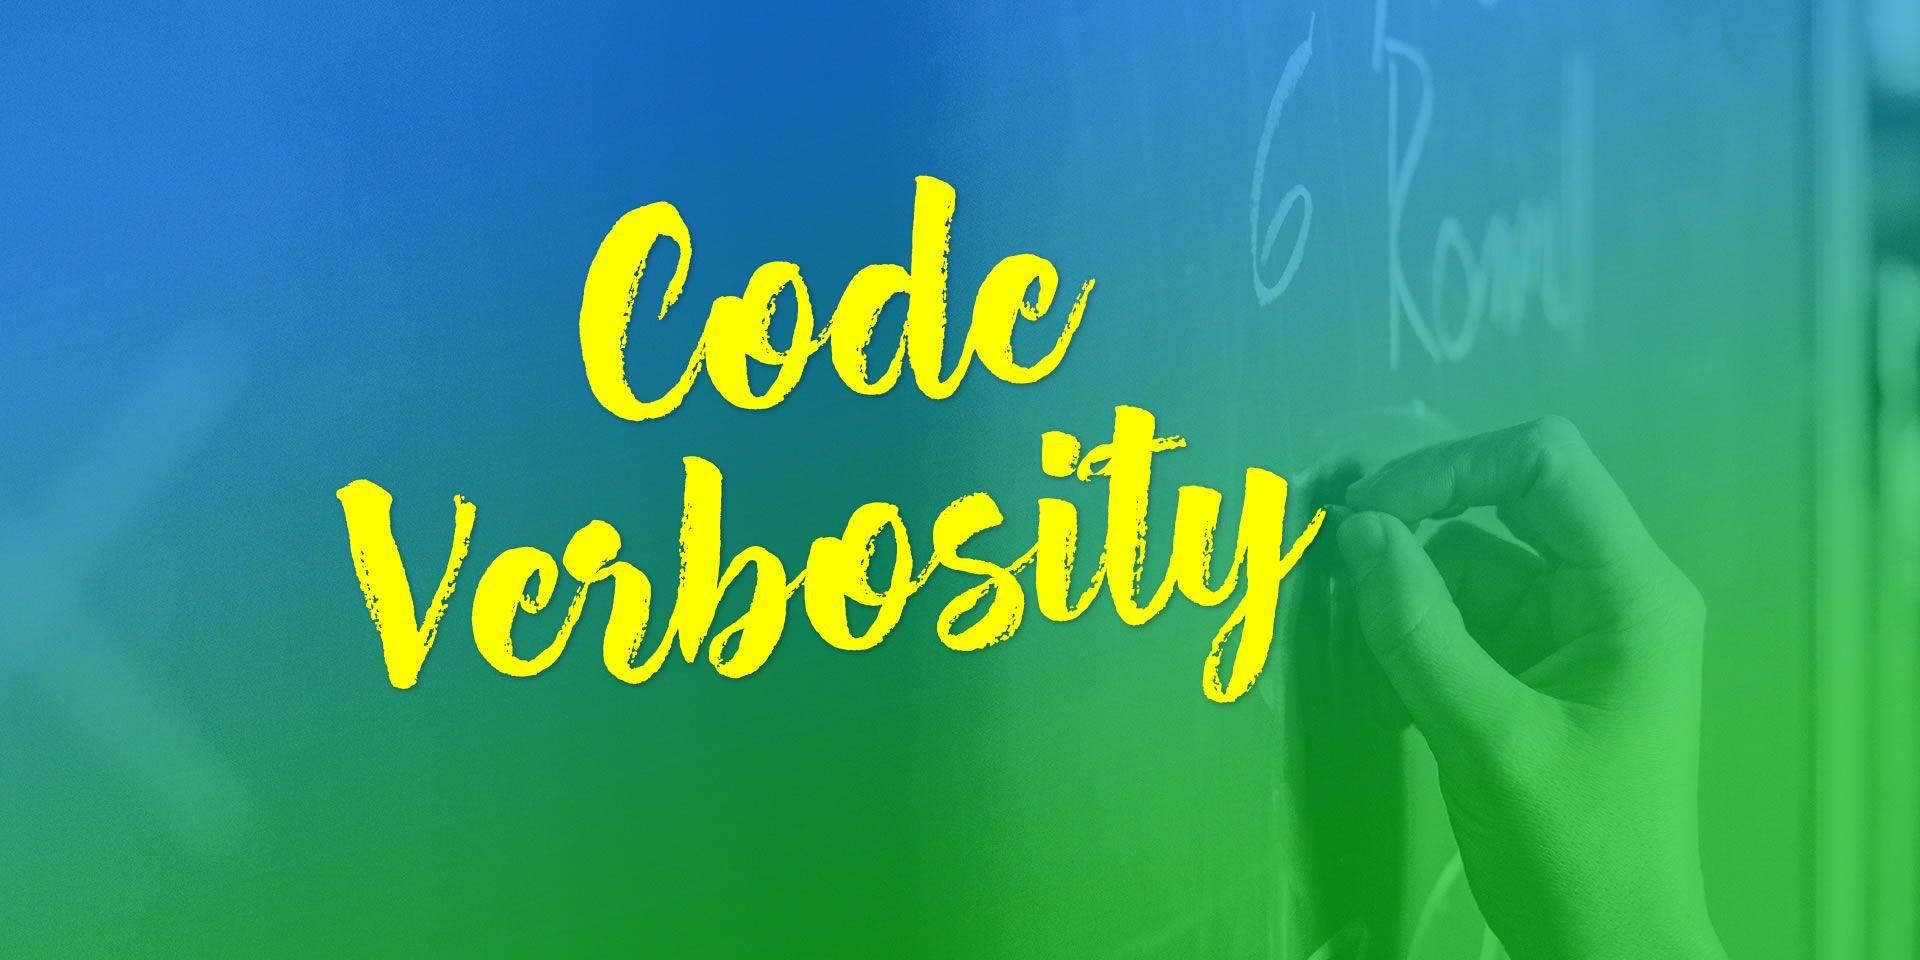 Code Verbosity